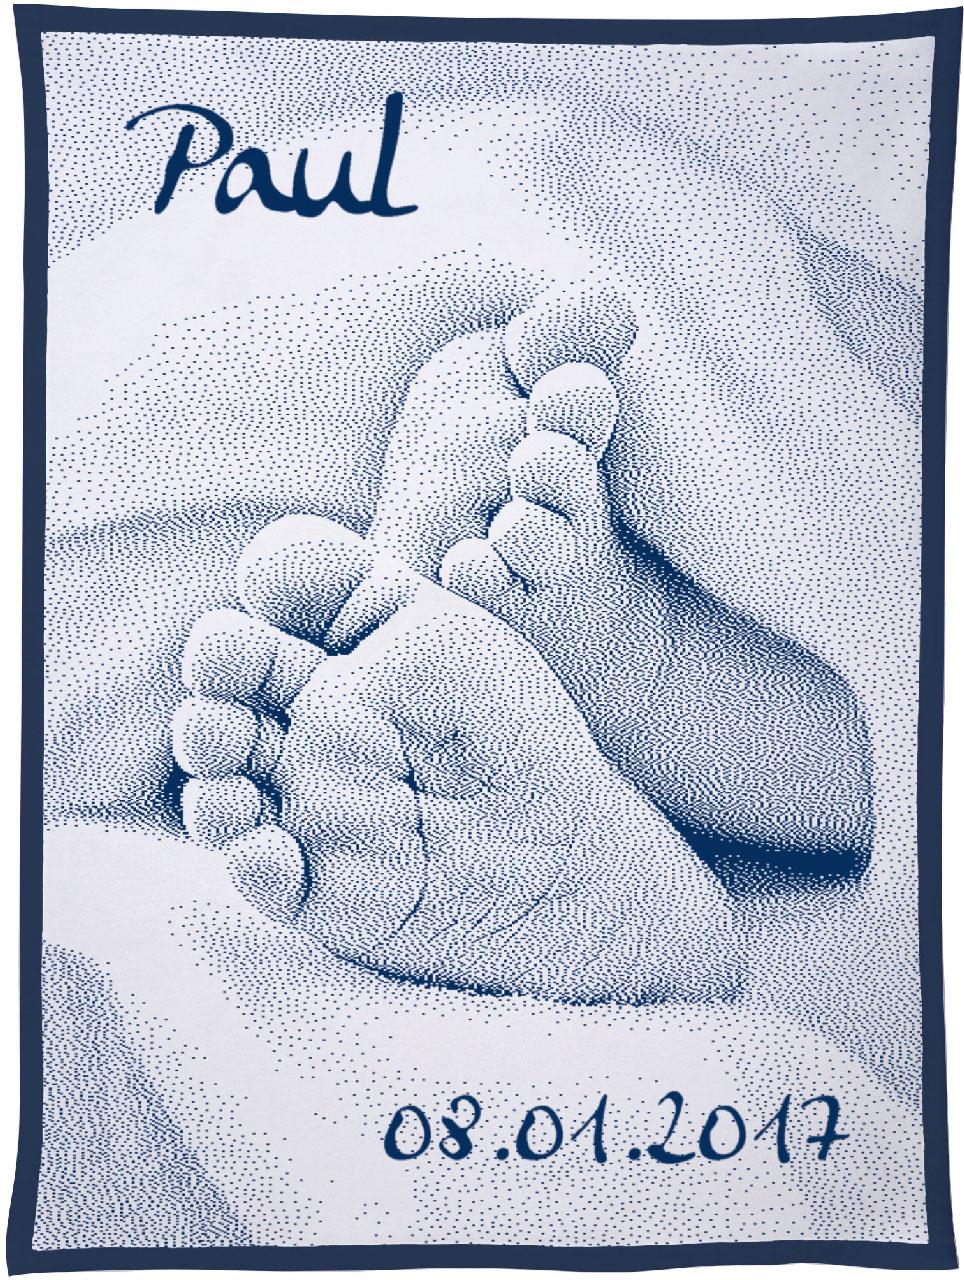 baby kuscheldecke mit namen und geburtsdatum kuscheldecken babydecken rabtex deckenmanufaktur. Black Bedroom Furniture Sets. Home Design Ideas